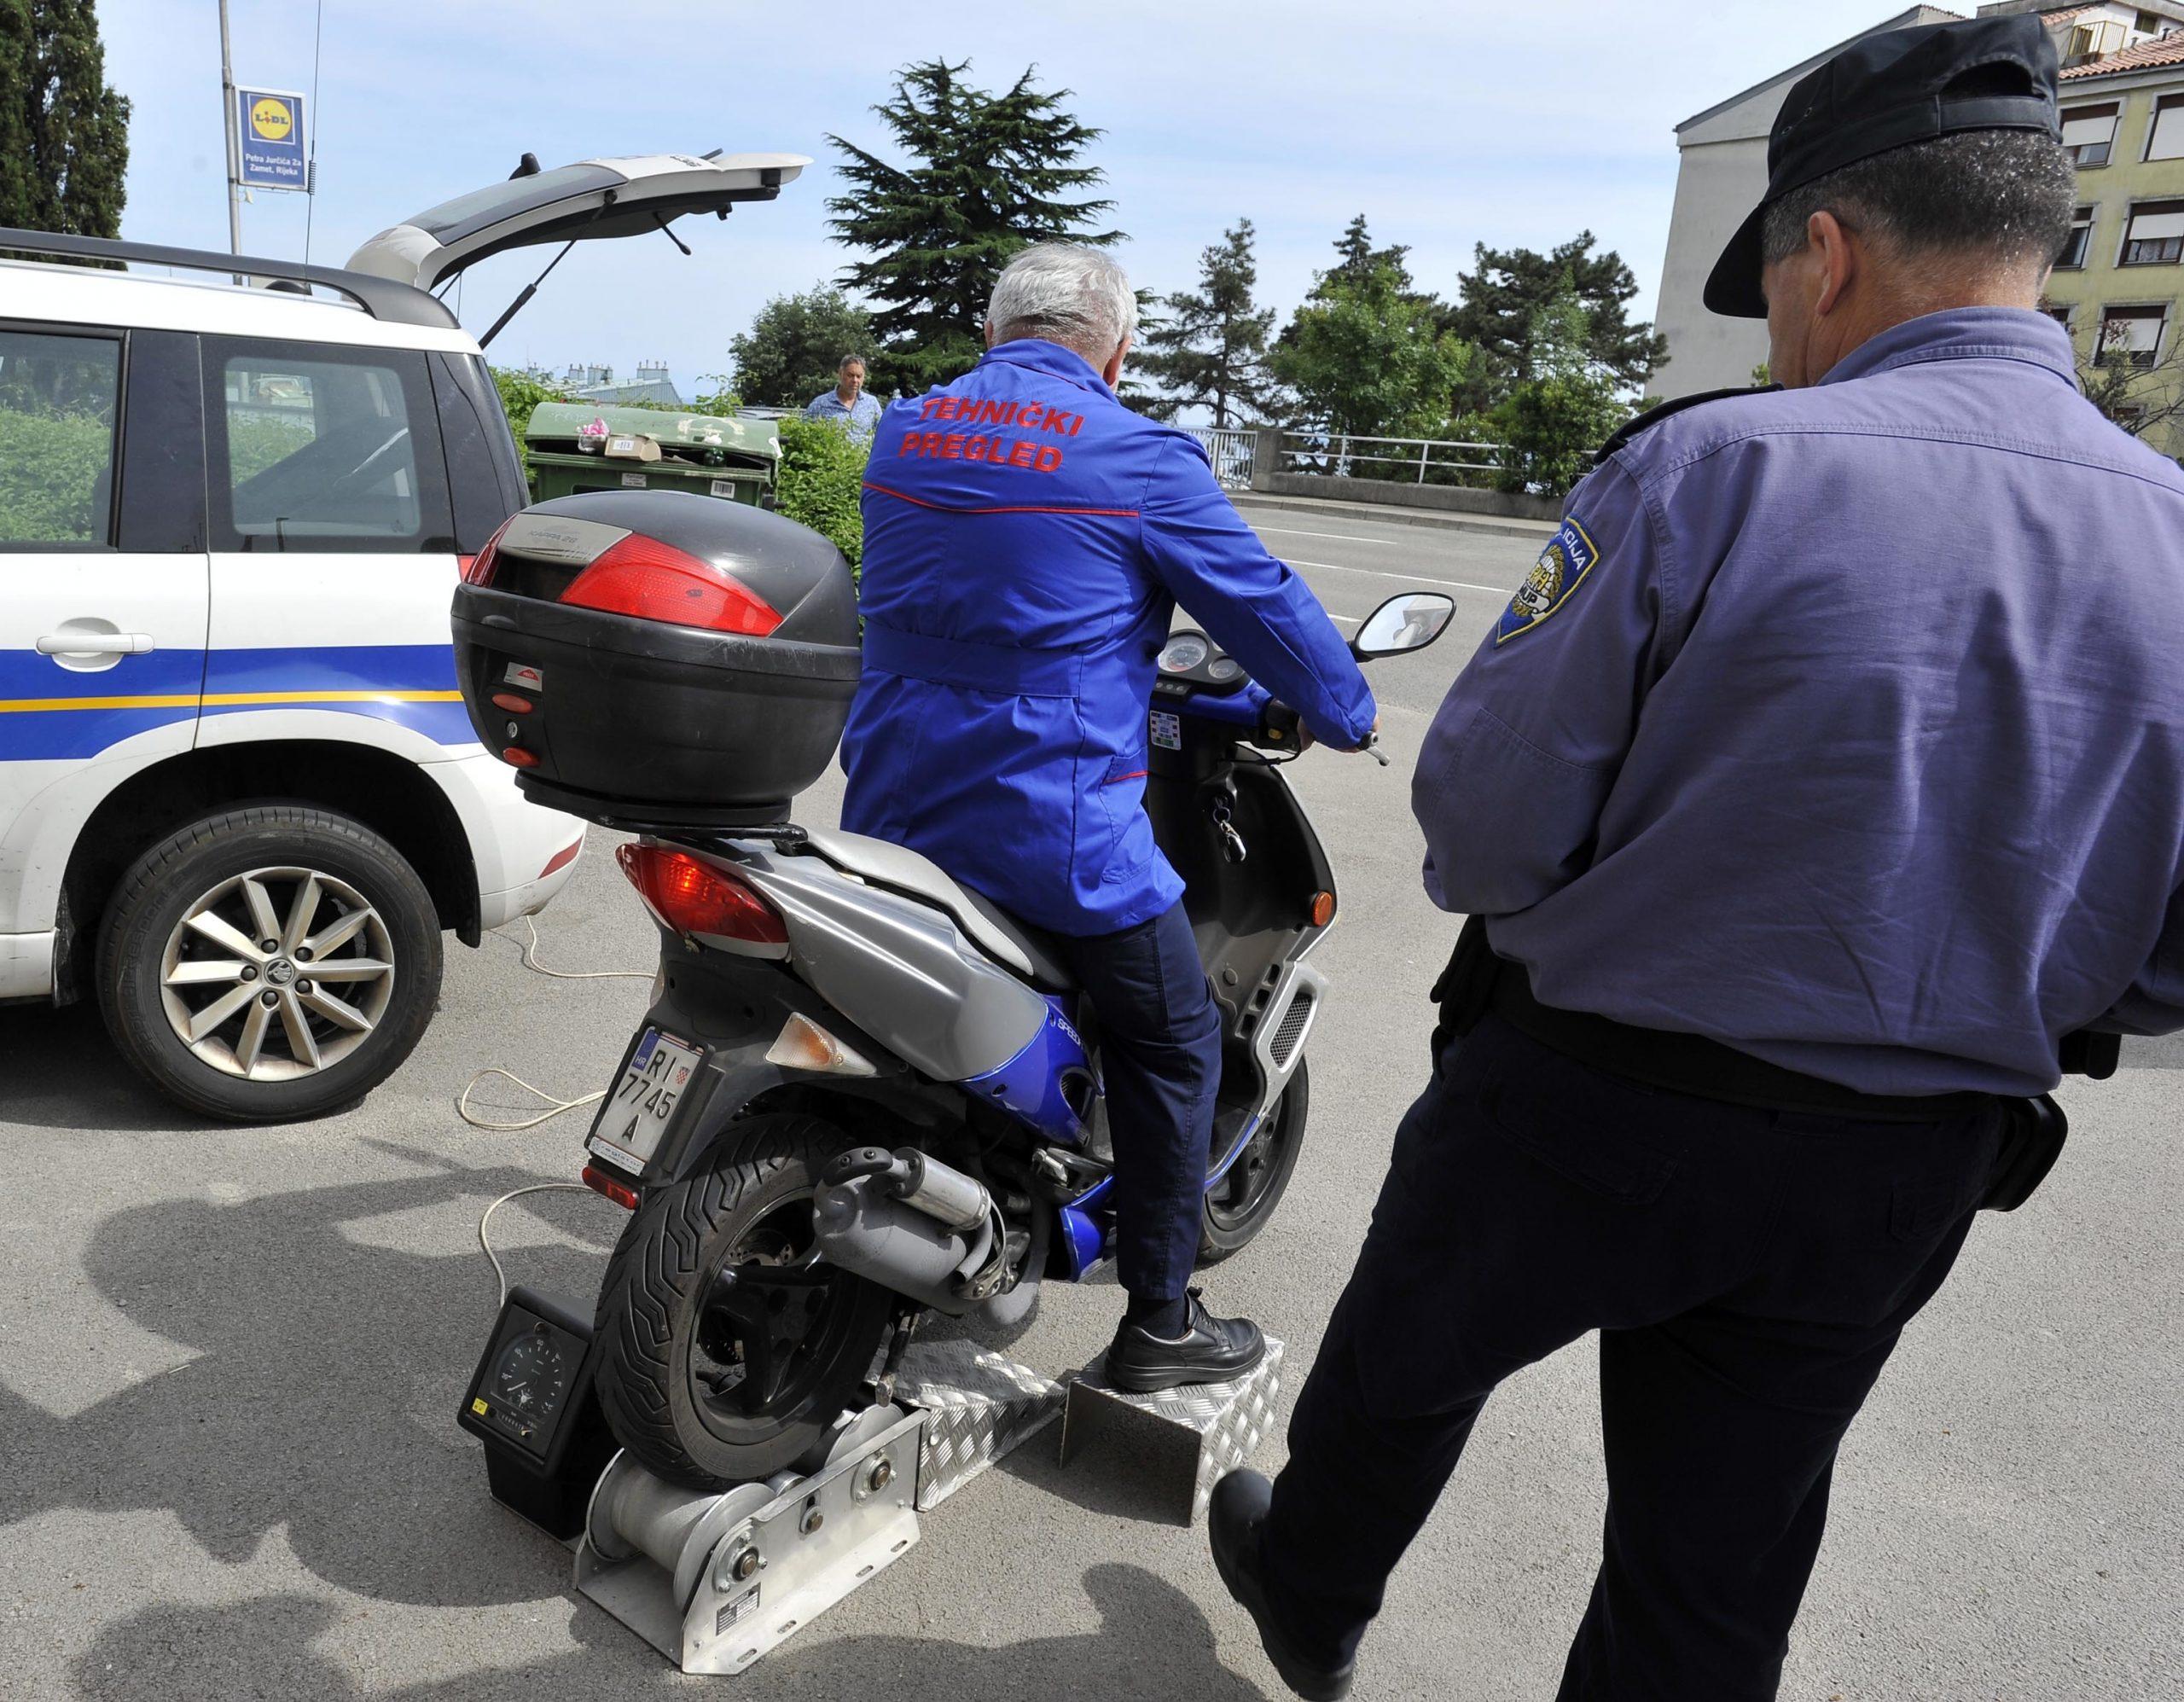 Prometna policija Policijske uprave primorsko-goranske pojačano je nadzirala vozače mopeda i motocikala / Foto: D. ŠKOMRLJ